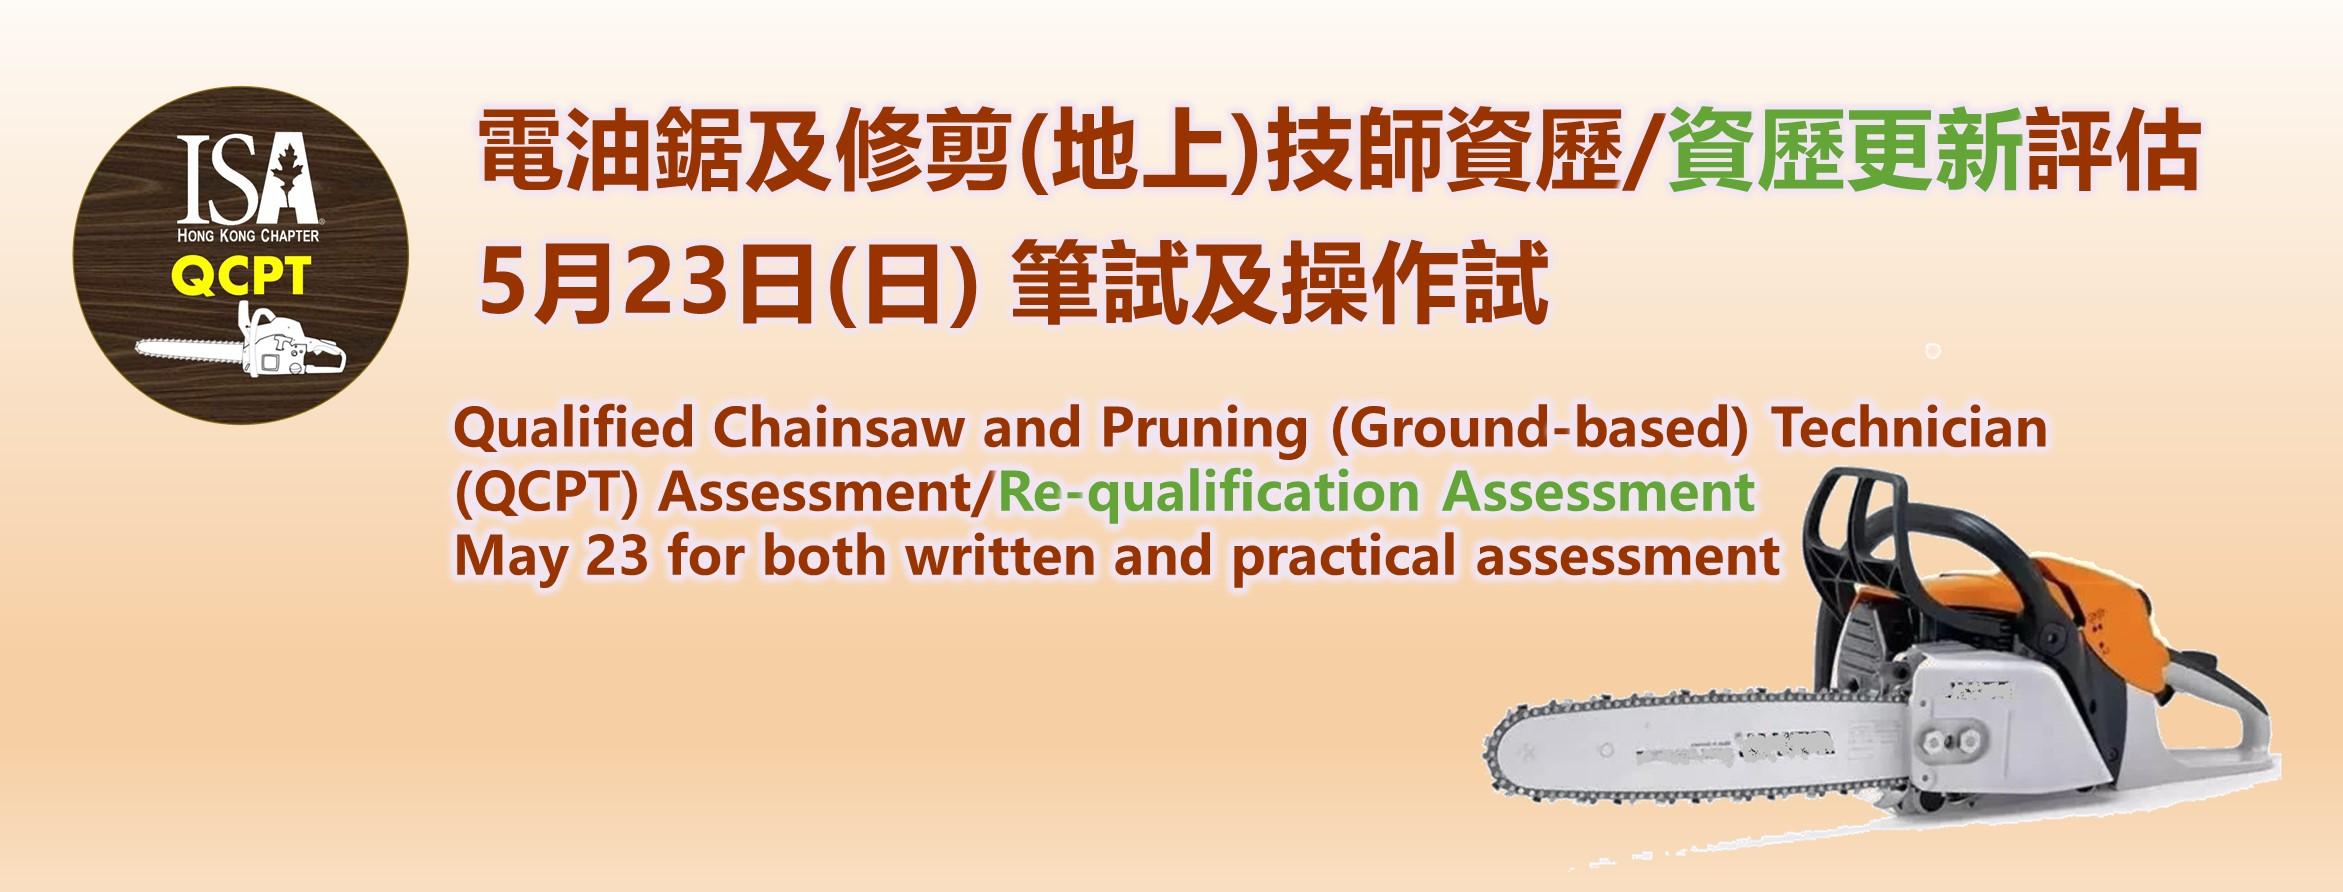 電油鋸及修剪(地上)技師資歷評估 (23/05/2021)